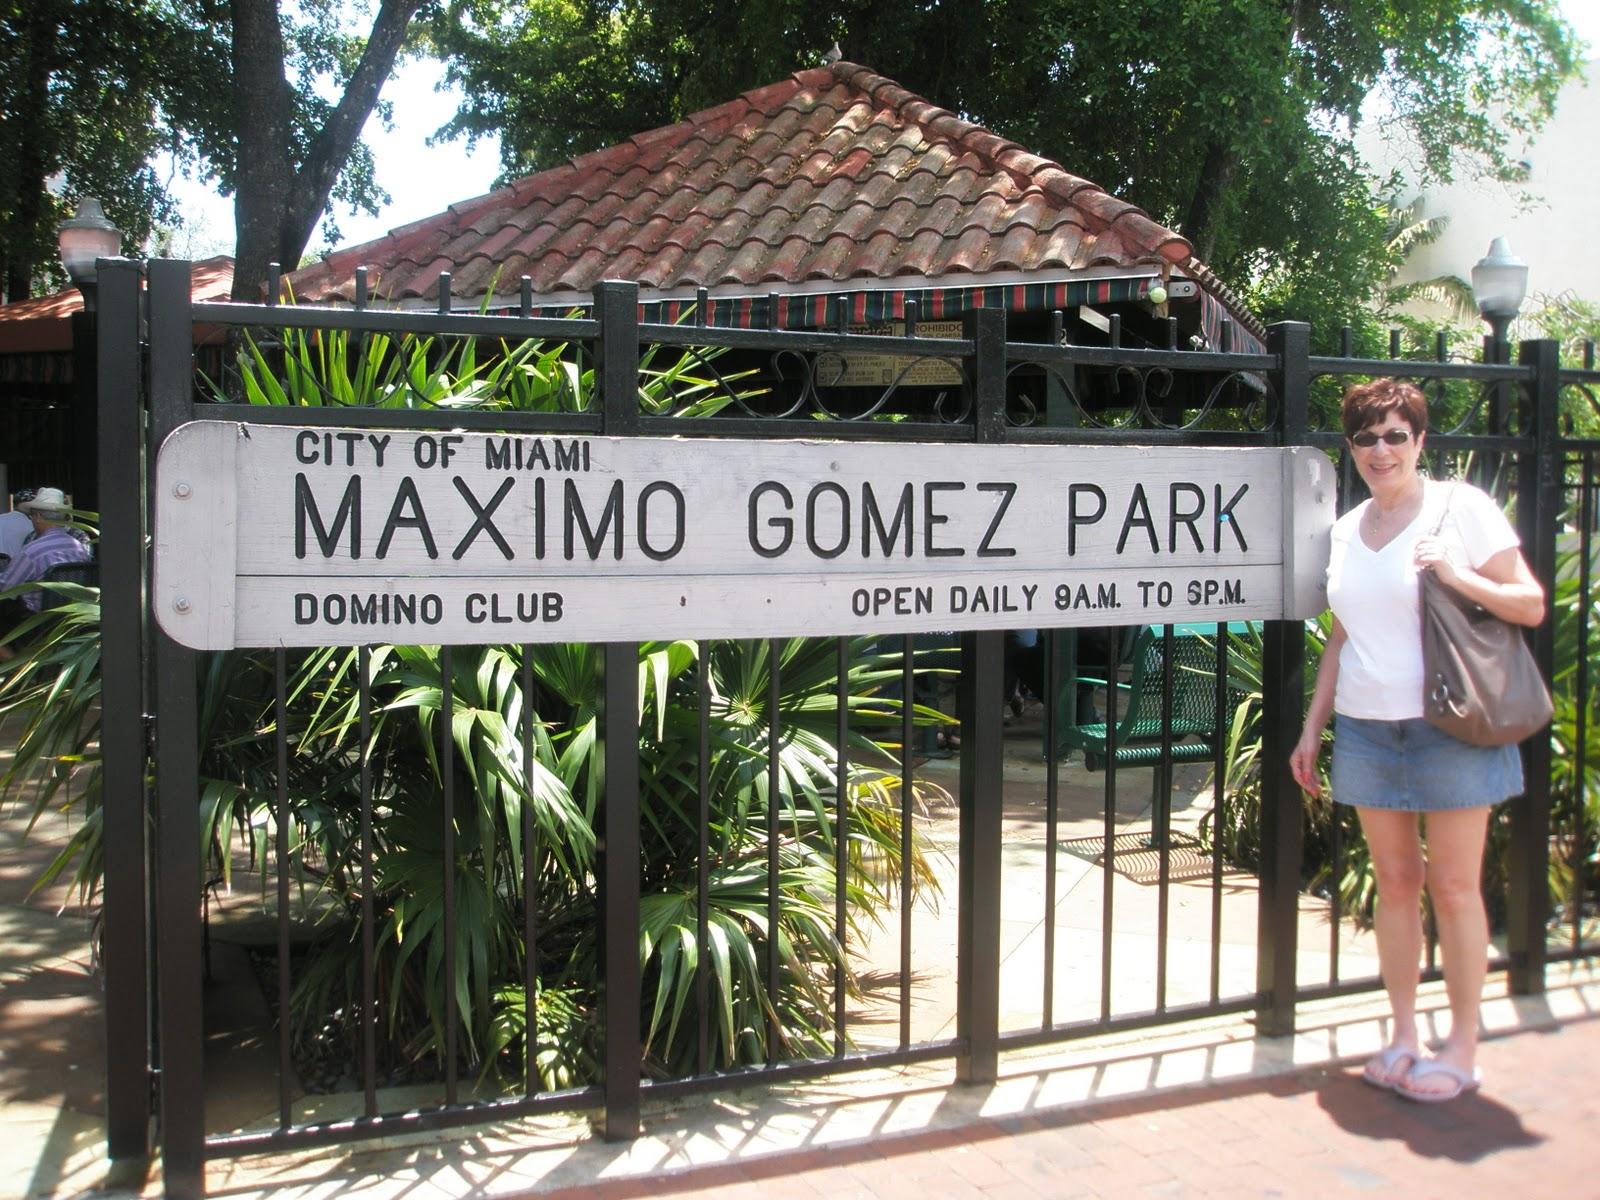 miami famous park